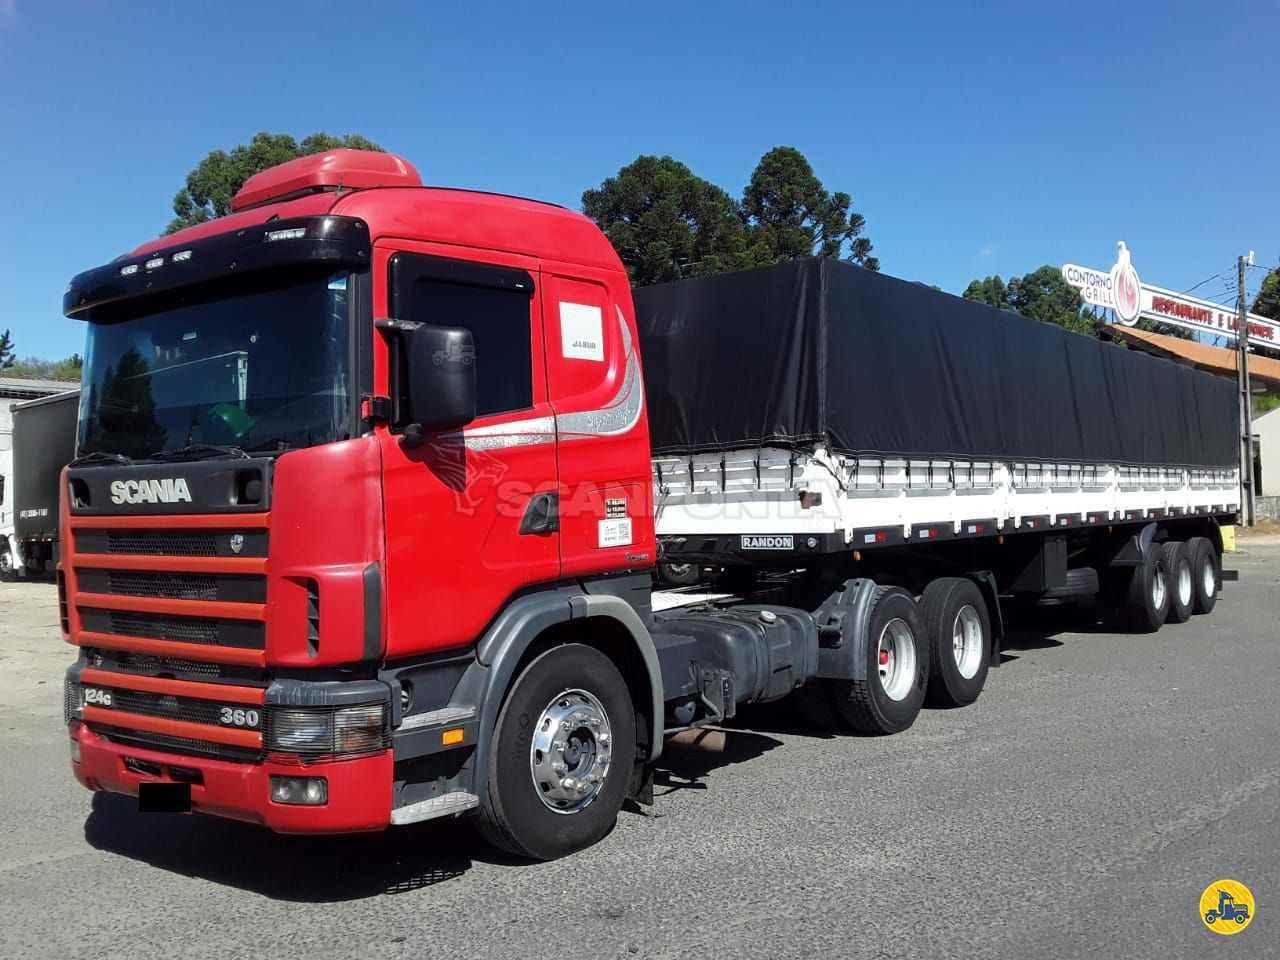 CAMINHAO SCANIA SCANIA 124 360 Cavalo Mecânico Truck 6x2 Scanponta Caminhões Peças e Serviços PONTA GROSSA PARANÁ PR